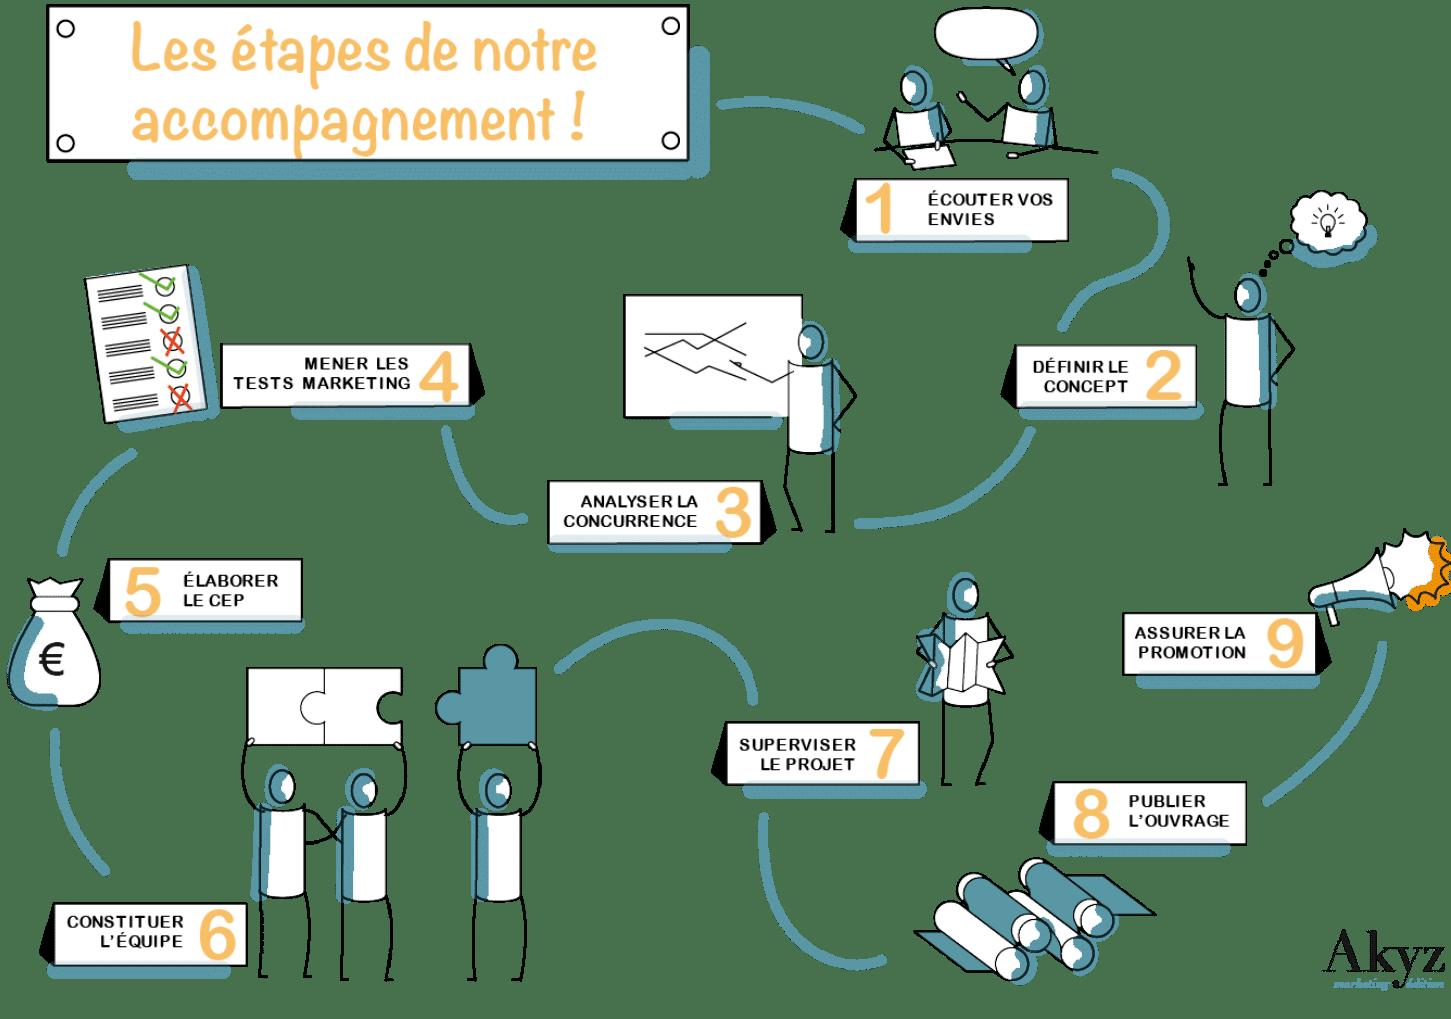 Infographie illustrant les 9 étapes de l'accompagnement d'Akyz